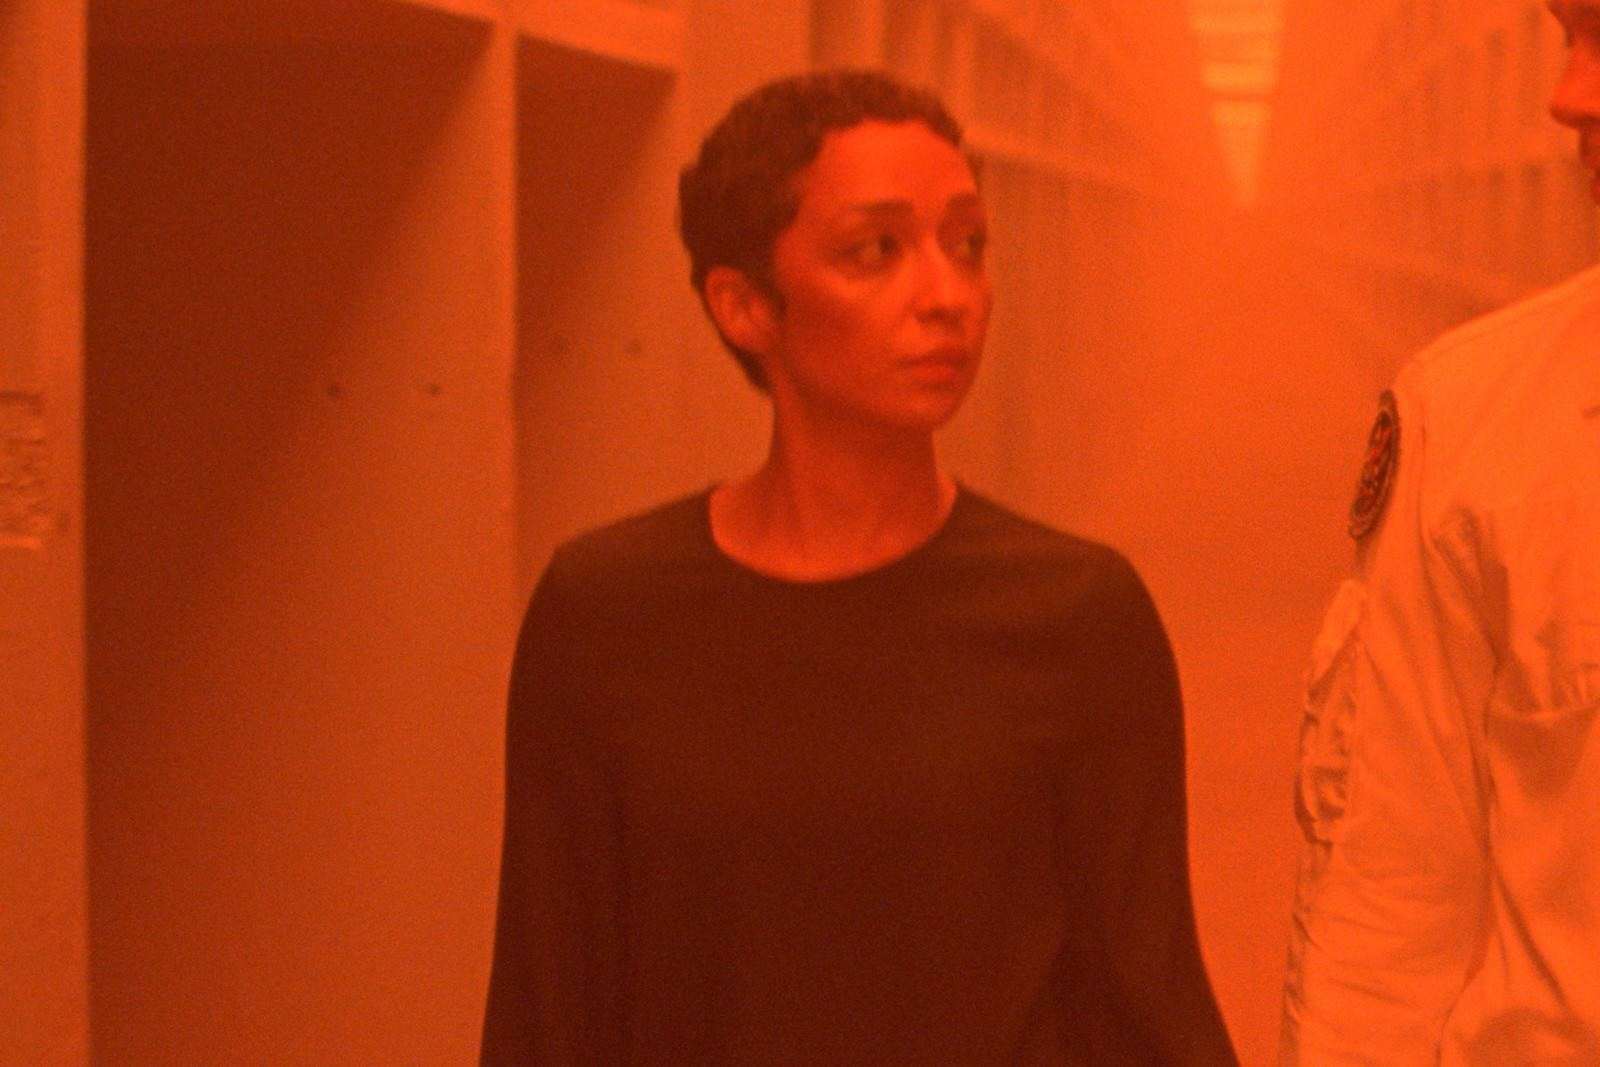 Movie, Ad Astra(美國, 2019年) / 星際救援(台灣) / 星际探索(中國) / 星際任務(香港), 電影角色與演員介紹